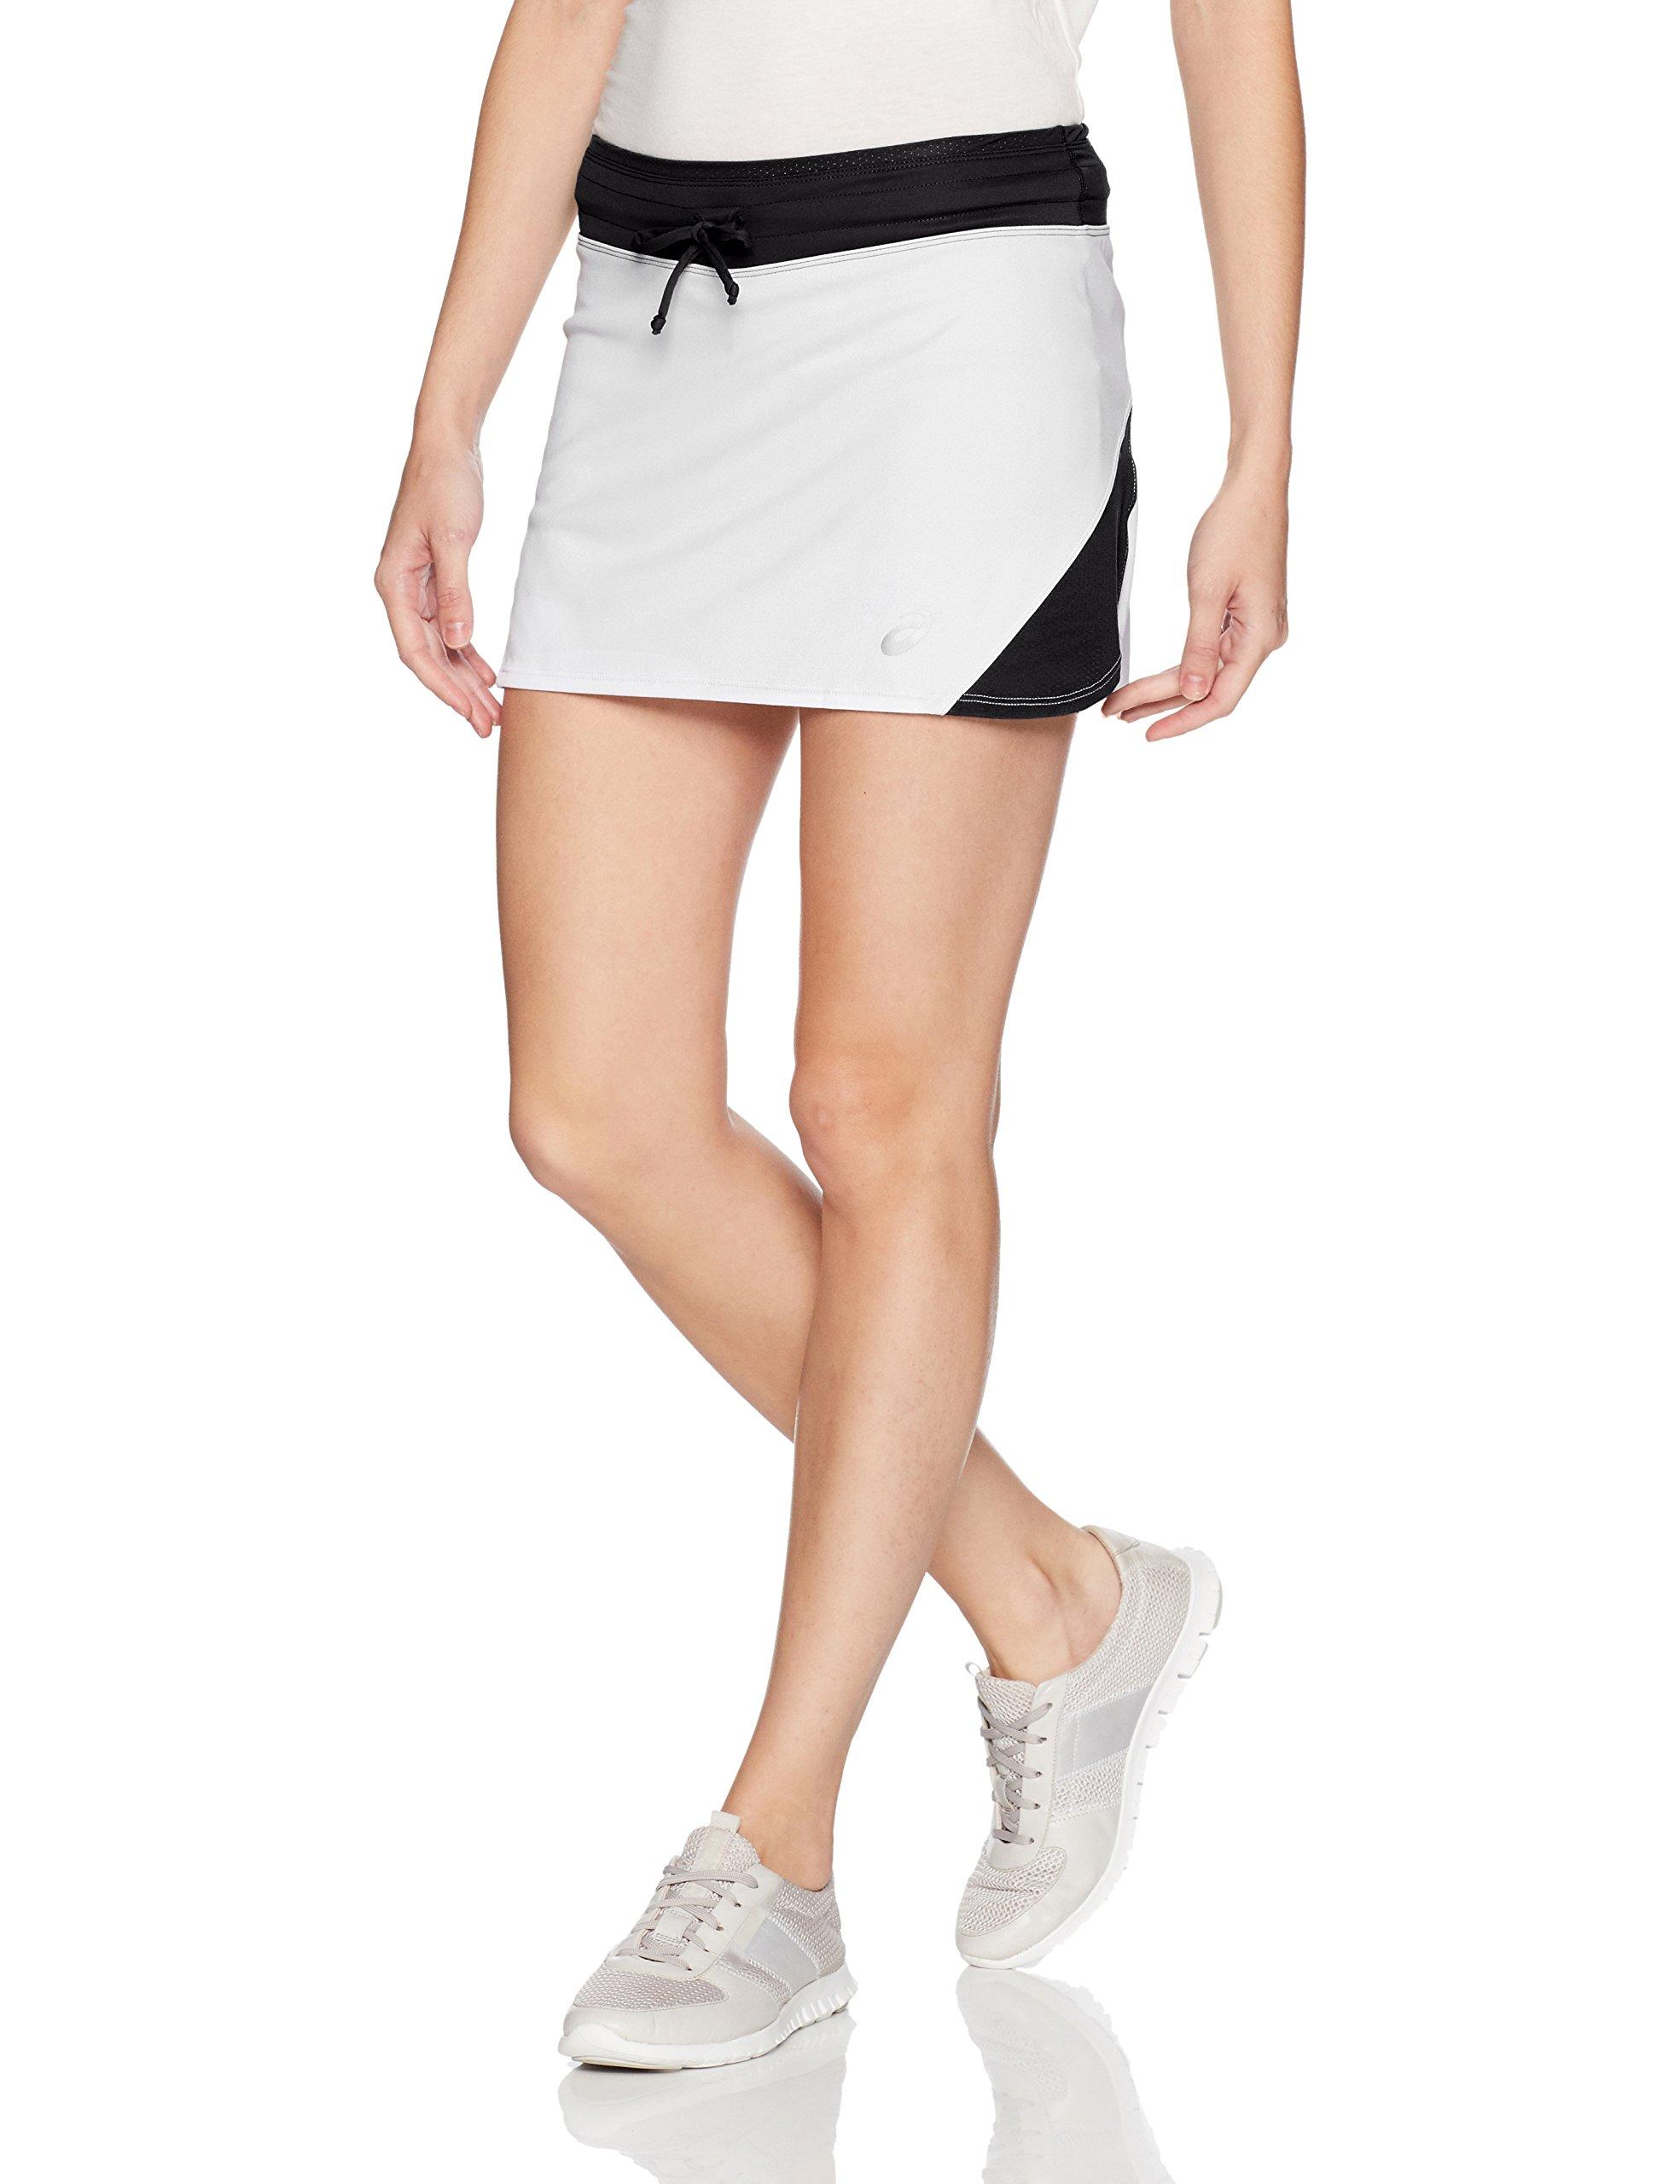 ASICS Women's Spin Slice Skort, White/Black, Small